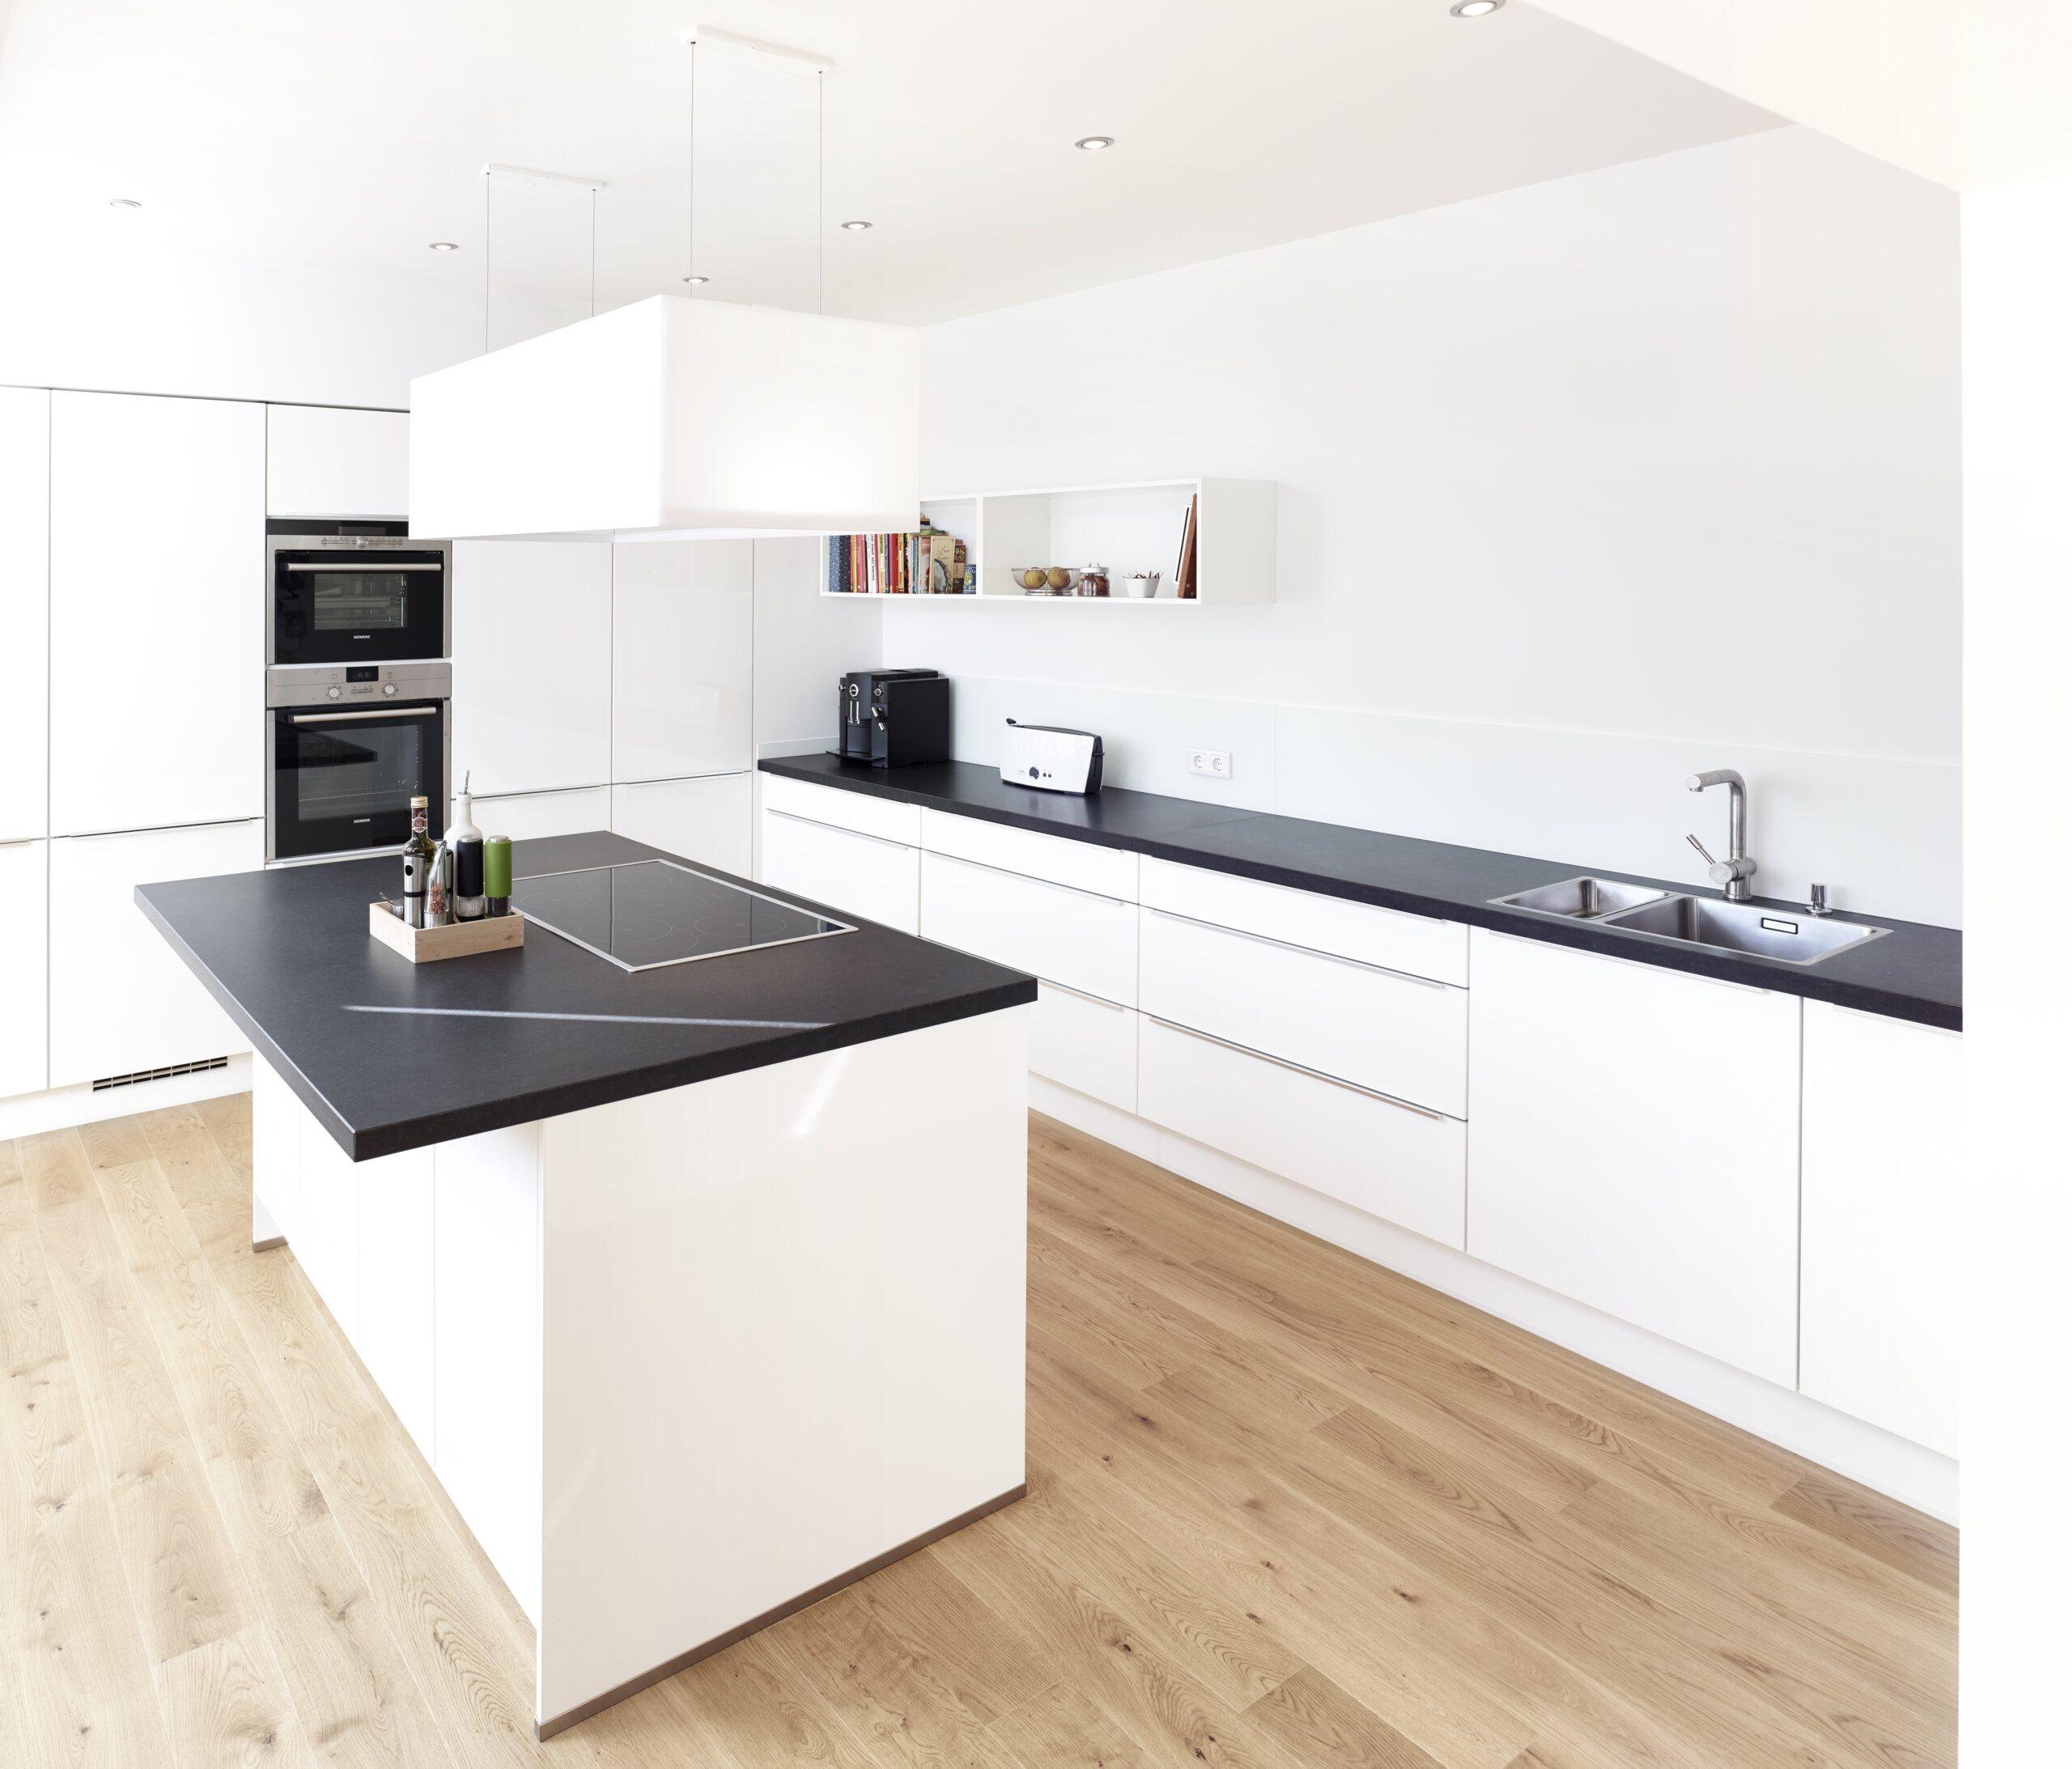 Full Size of Granit Arbeitsplatte Infos Sie Gebrauchen Knnen Granitplatten Küche Arbeitsplatten Sideboard Mit Wohnzimmer Granit Arbeitsplatte